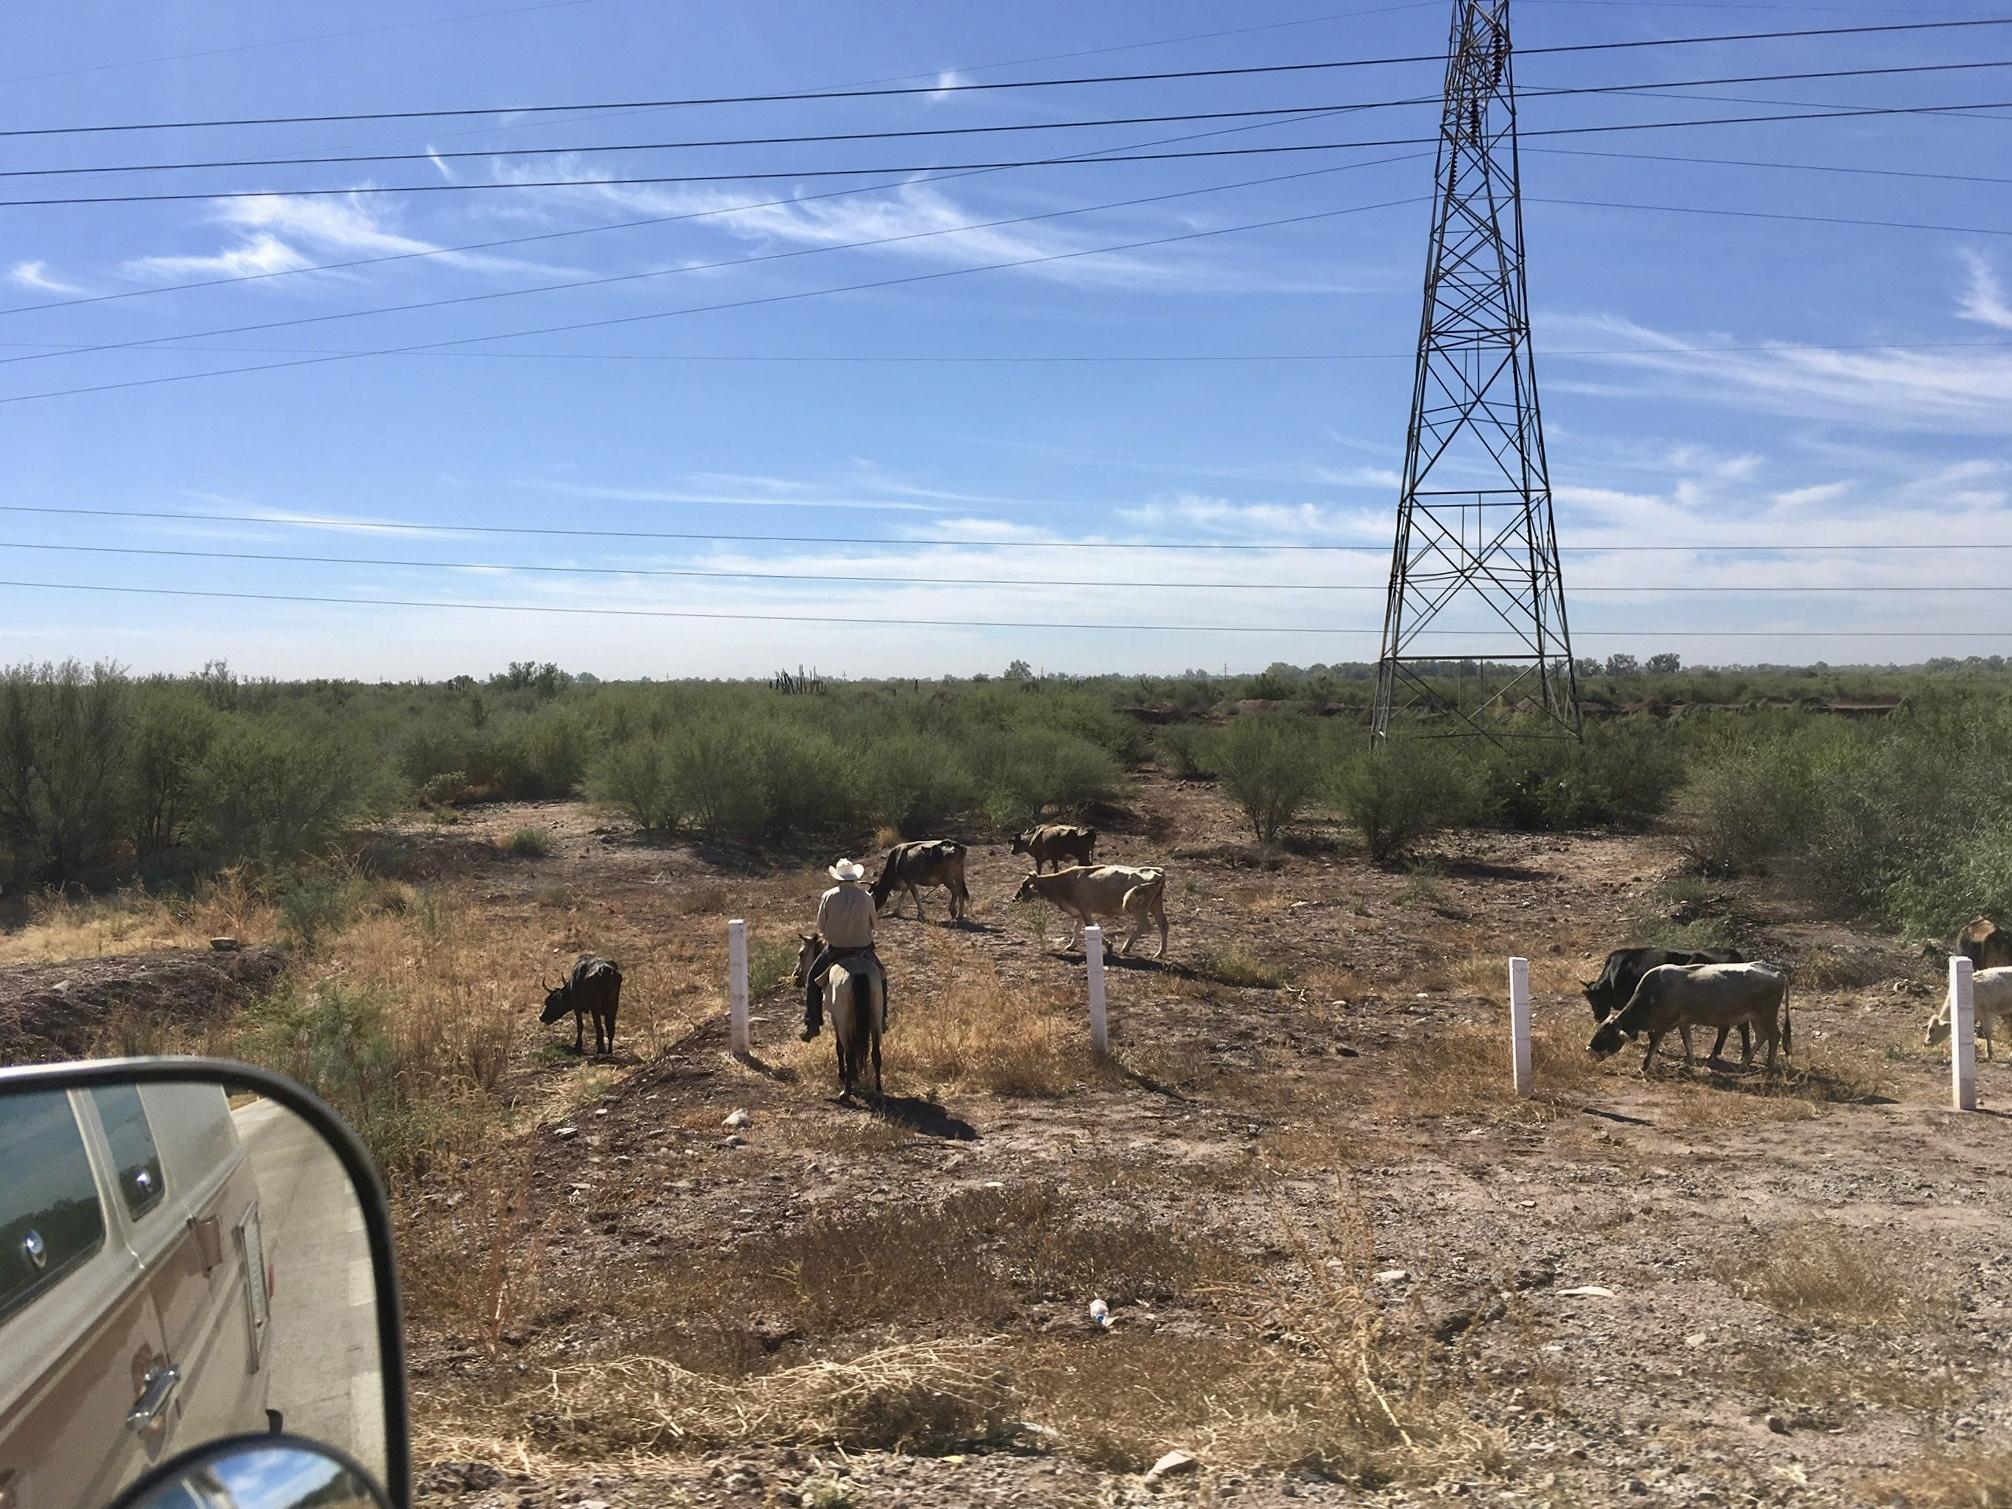 Am Straßenrand sehen wir viele Vaqueros, mexikanische Cowboys.